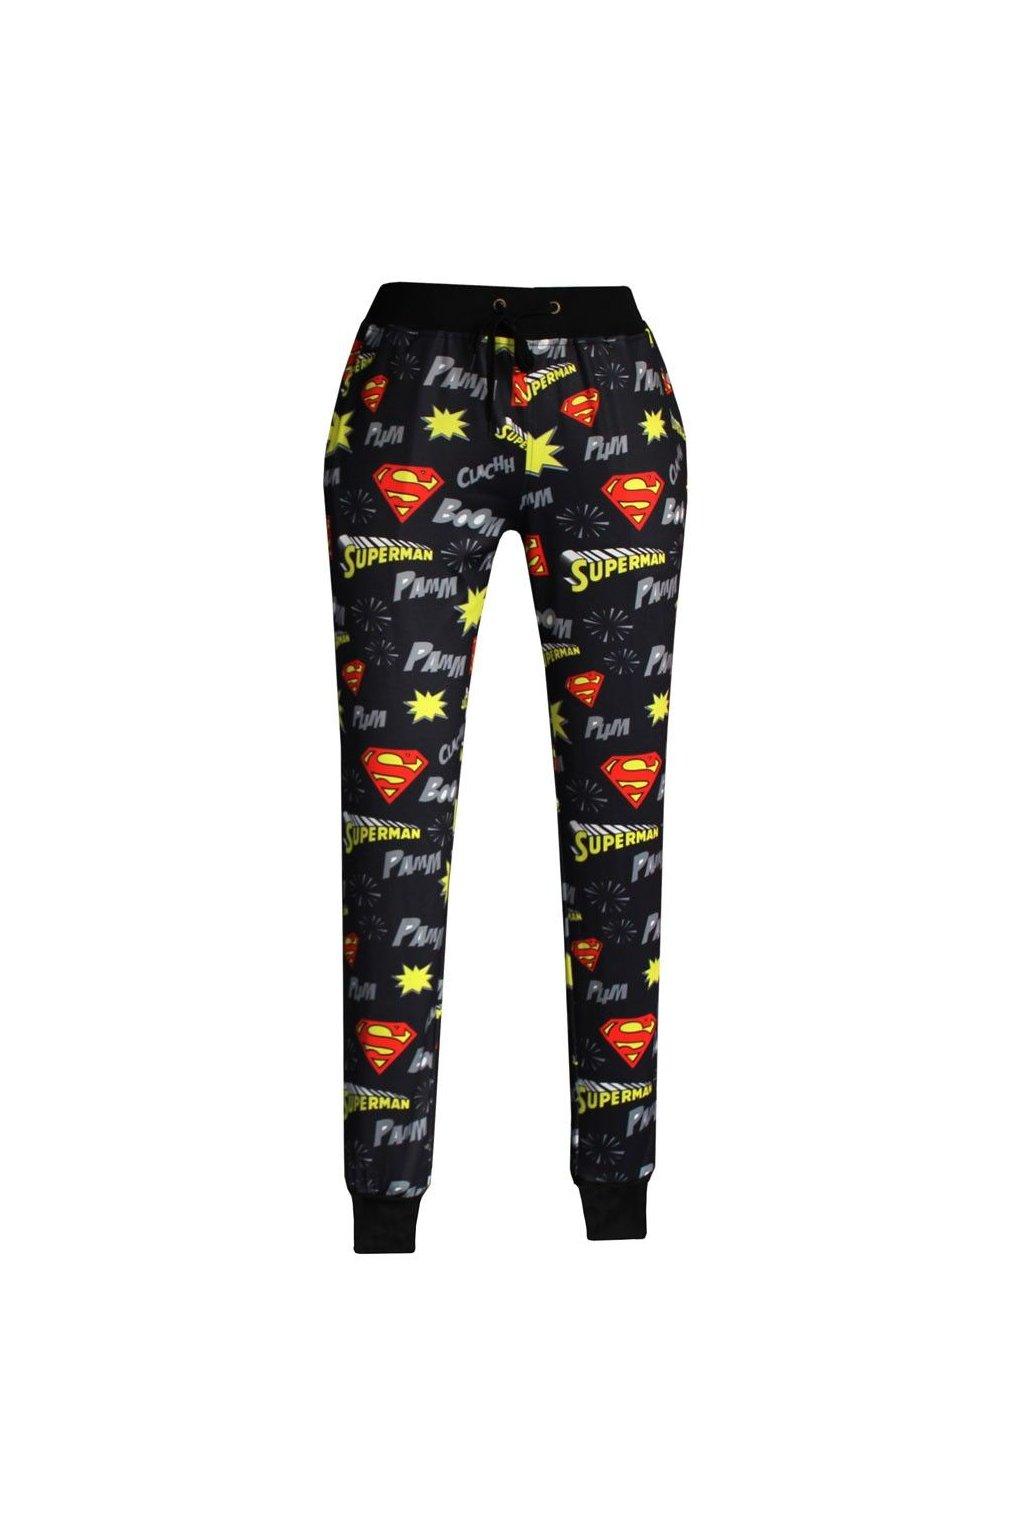 Tepláky pro supermanky